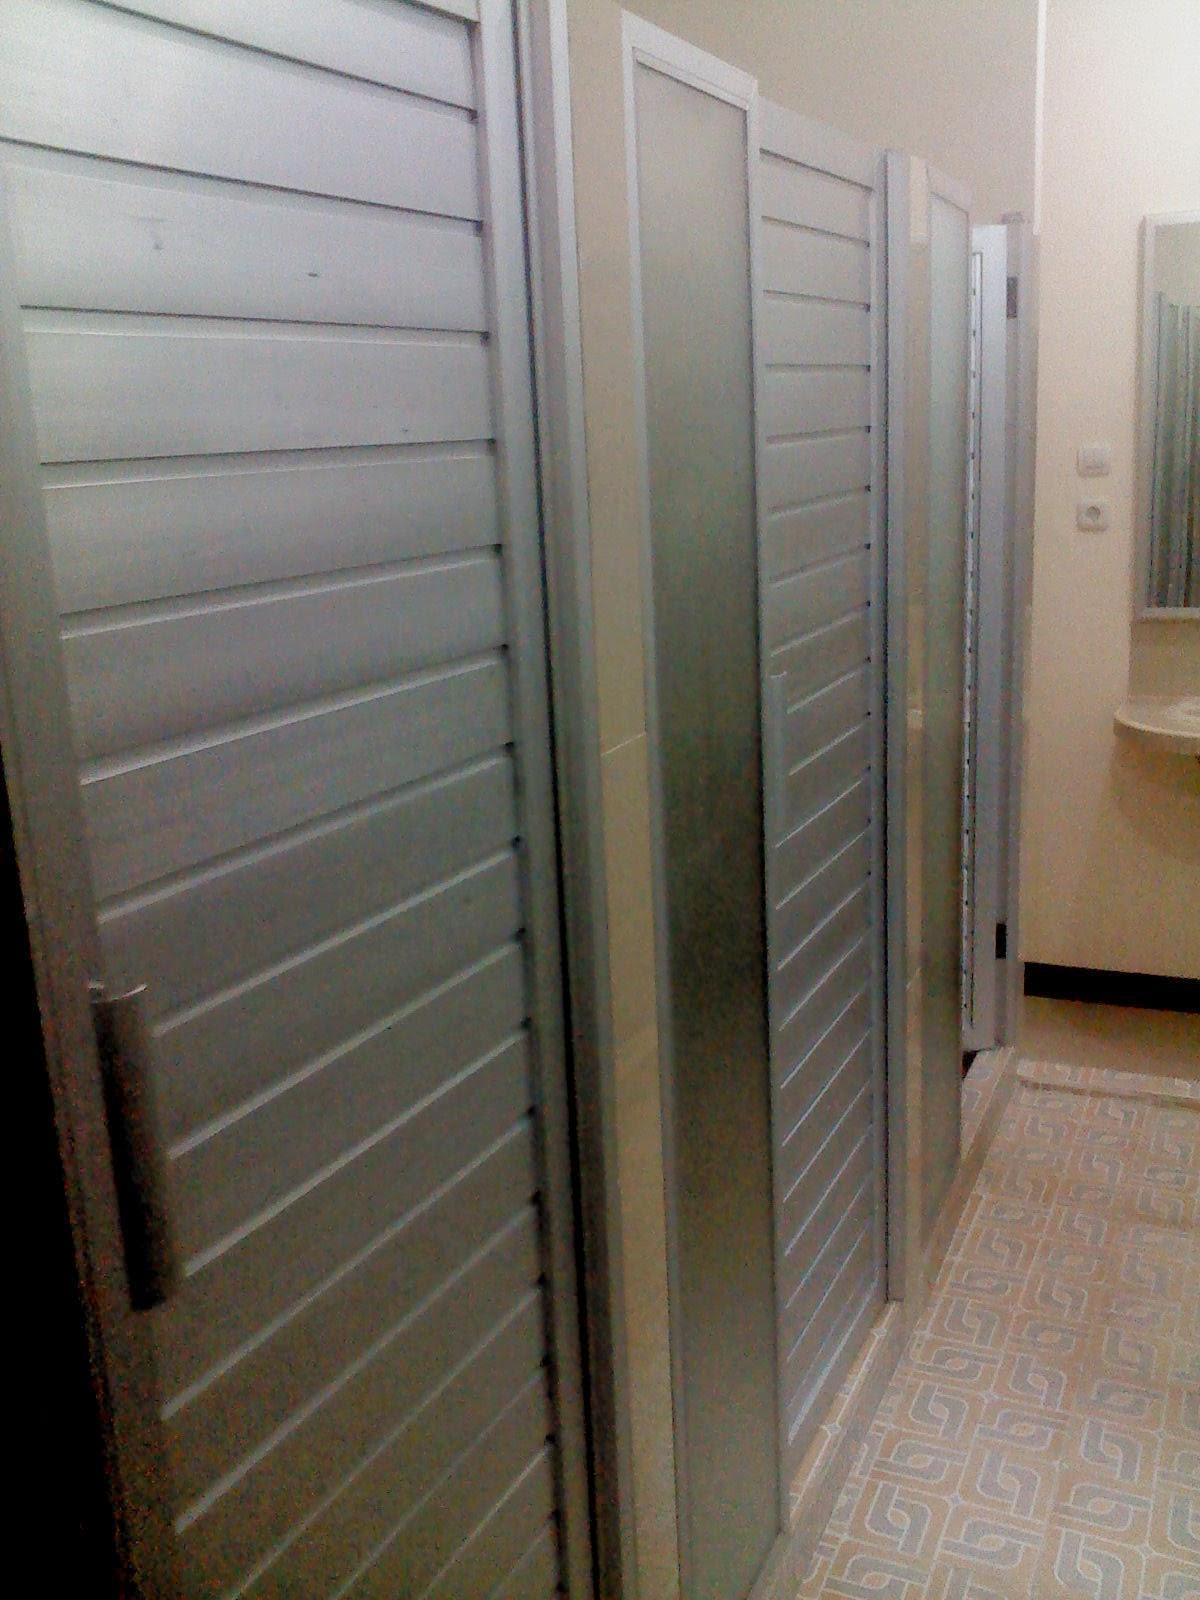 Berapa Harga Pintu Kamar Mandi Aluminium?